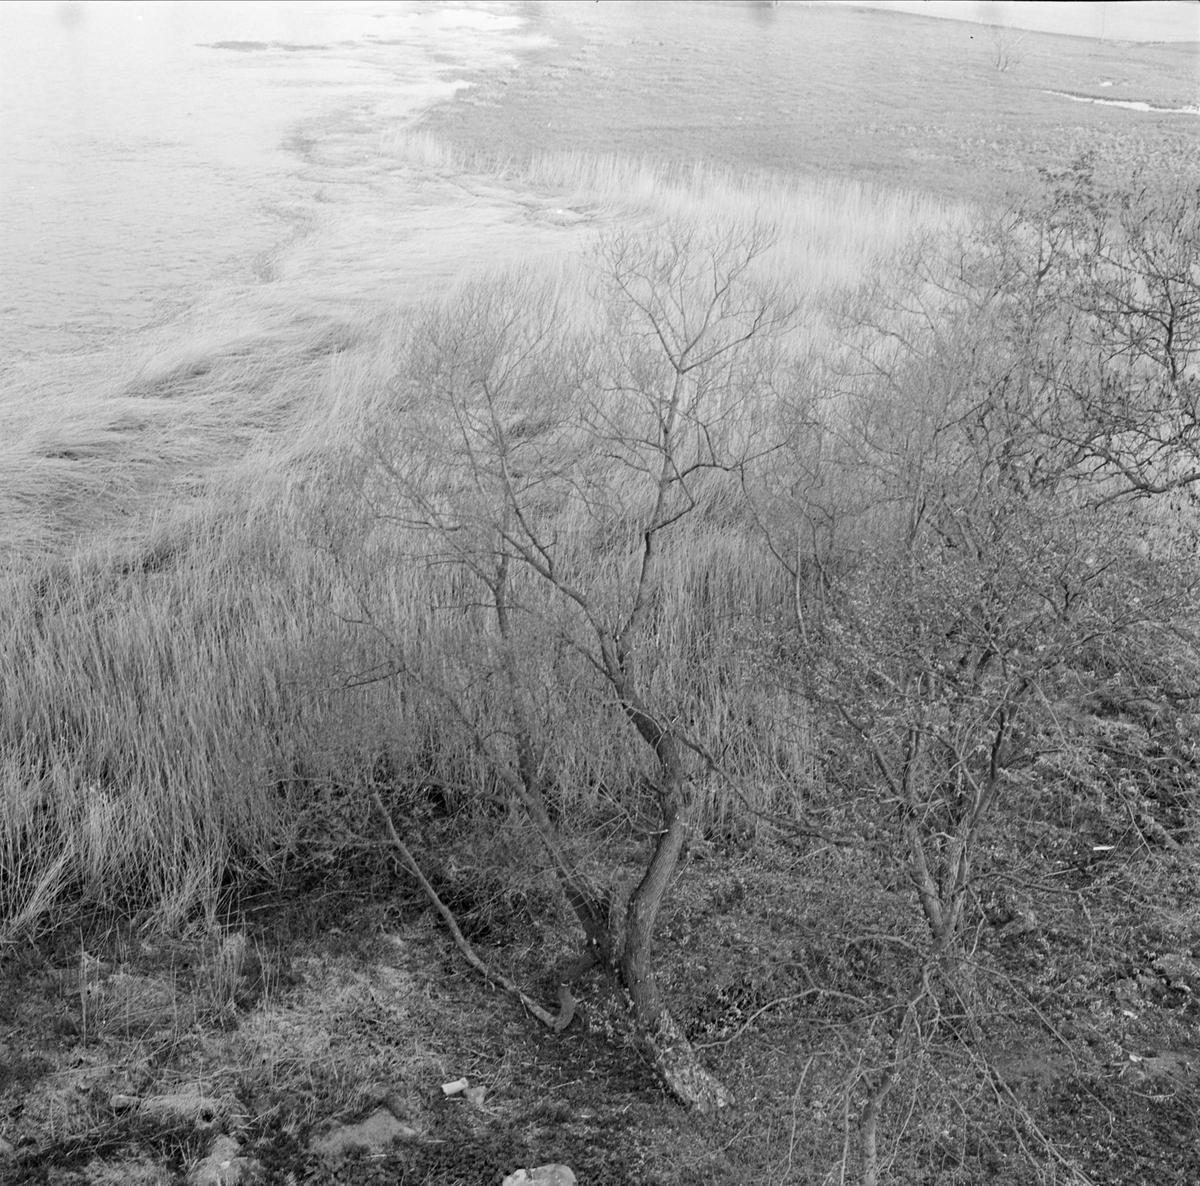 """""""Tidig morgon i maj"""" - Lårstaviken vid Wiks slott, Vik, Balingsta socken, Uppland maj 1965"""